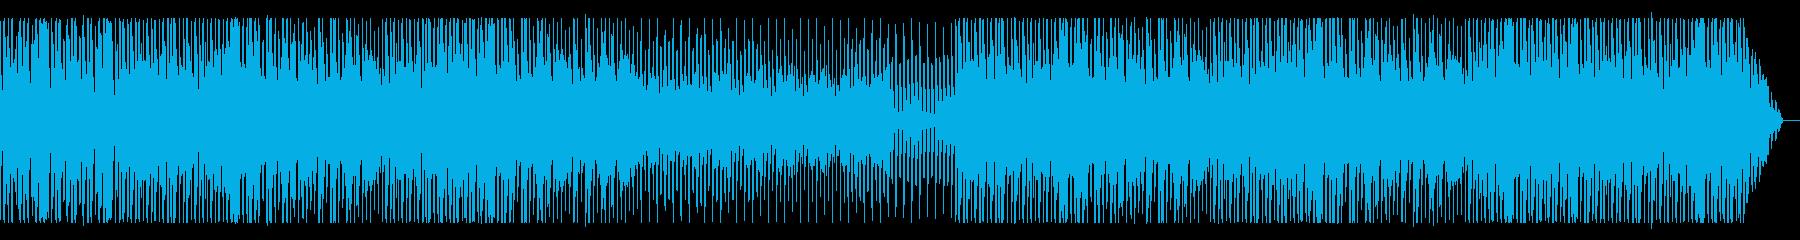 ピアノが中心の都会的テクノ系BGMの再生済みの波形